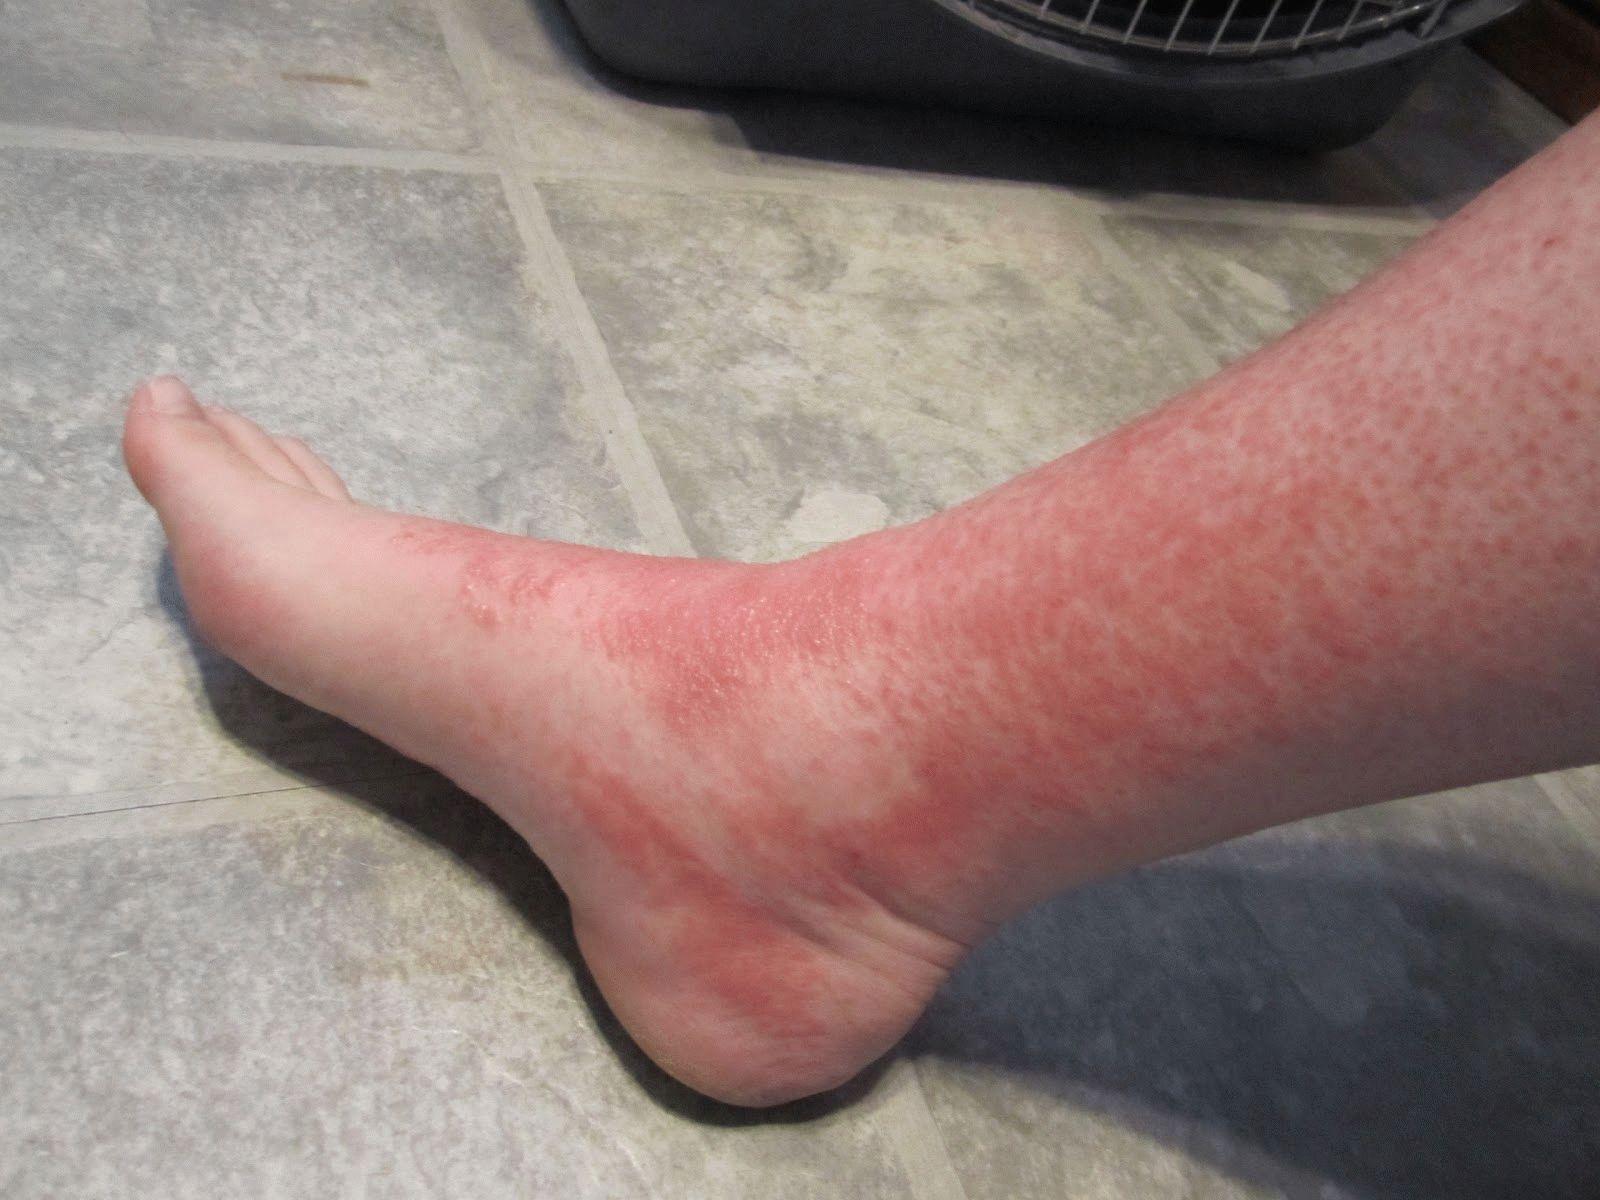 Покраснение на ногах без причины